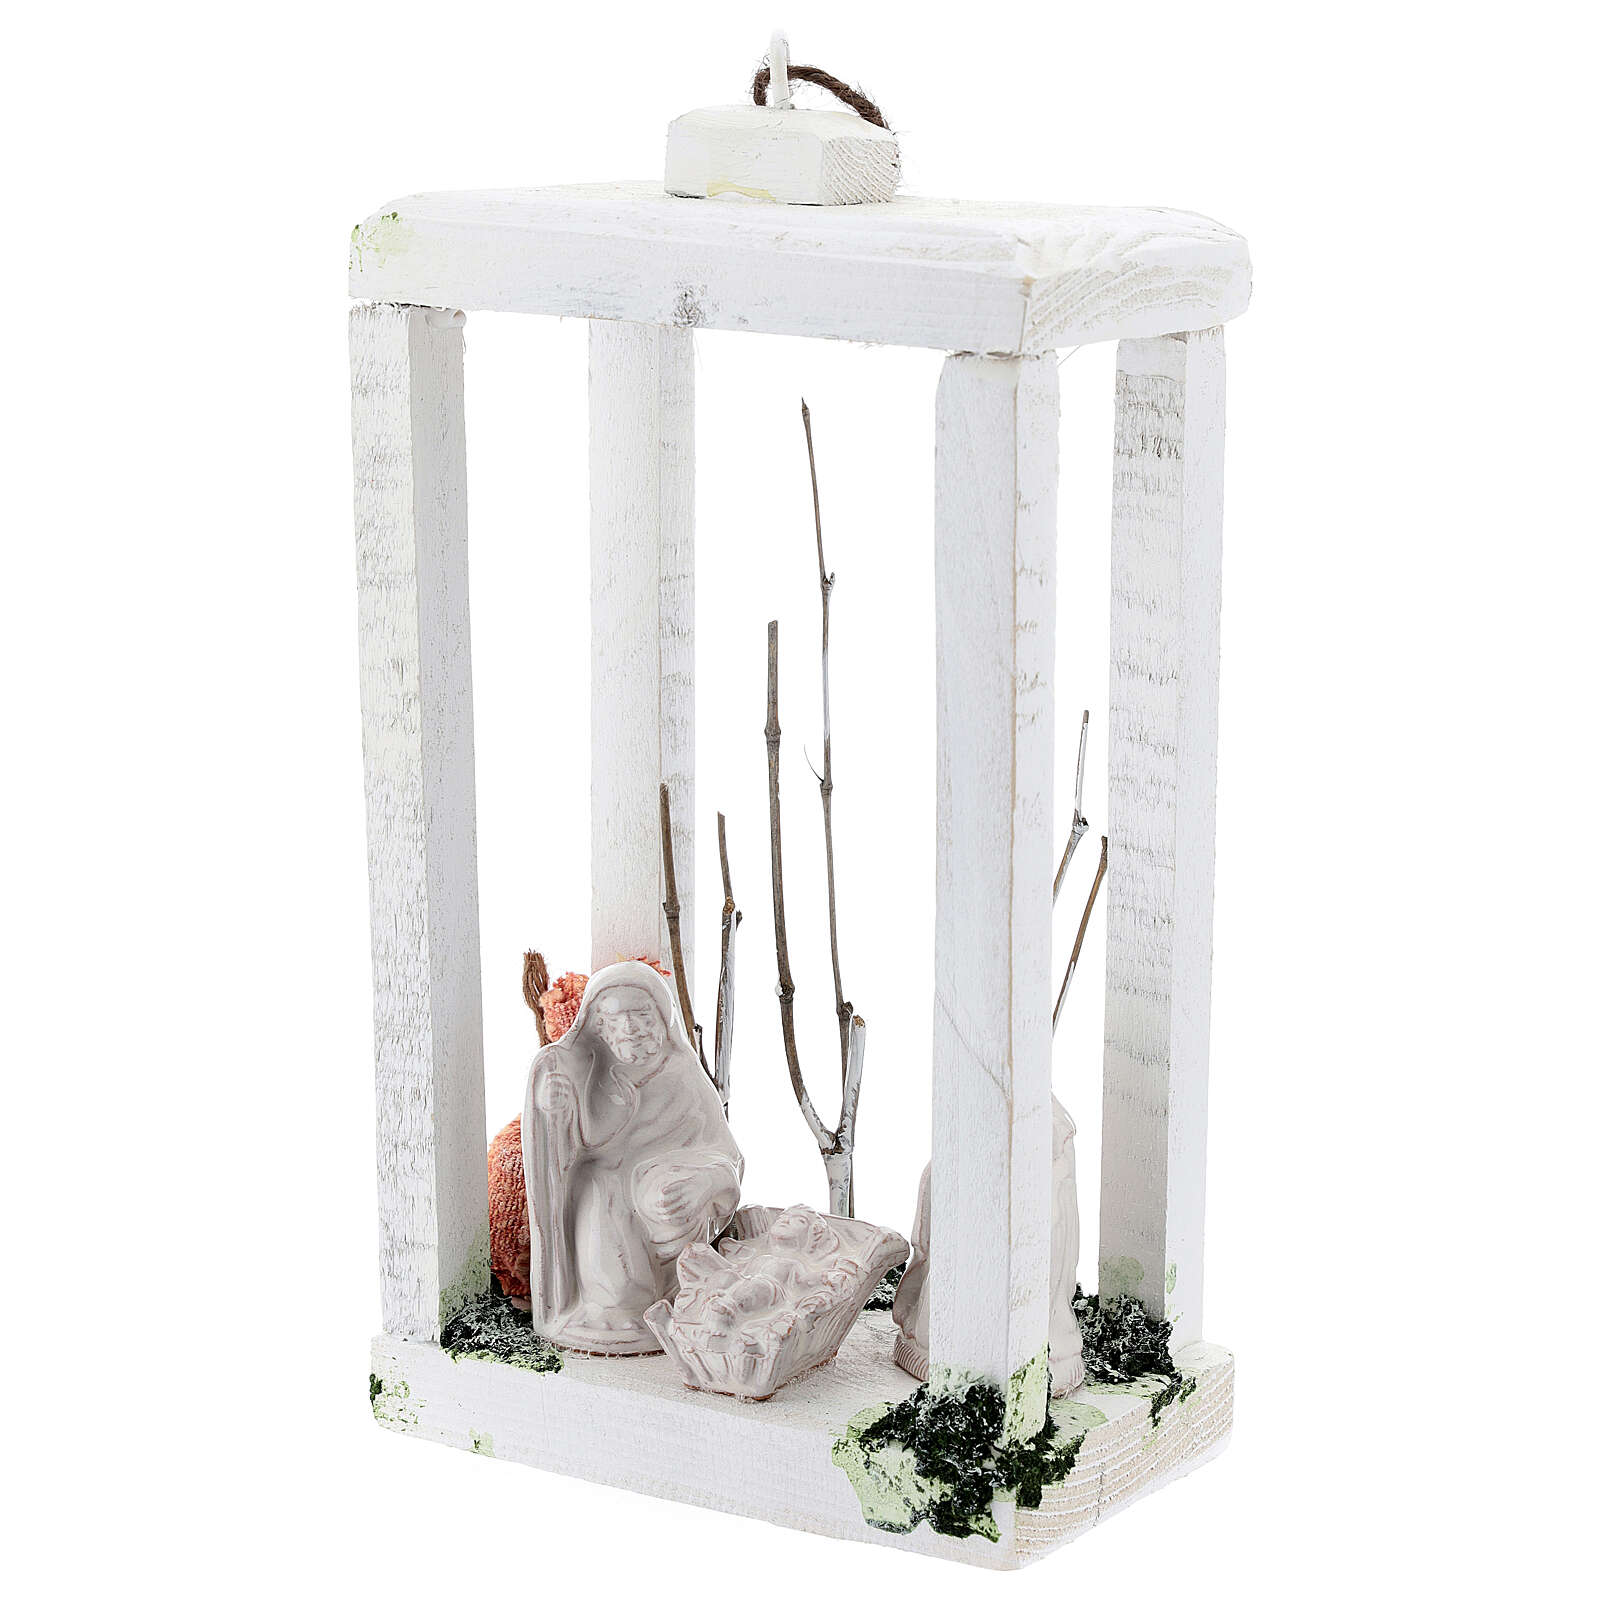 Wood lantern with Holy Family 8 cm white Deruta terracotta 23x15x10 4